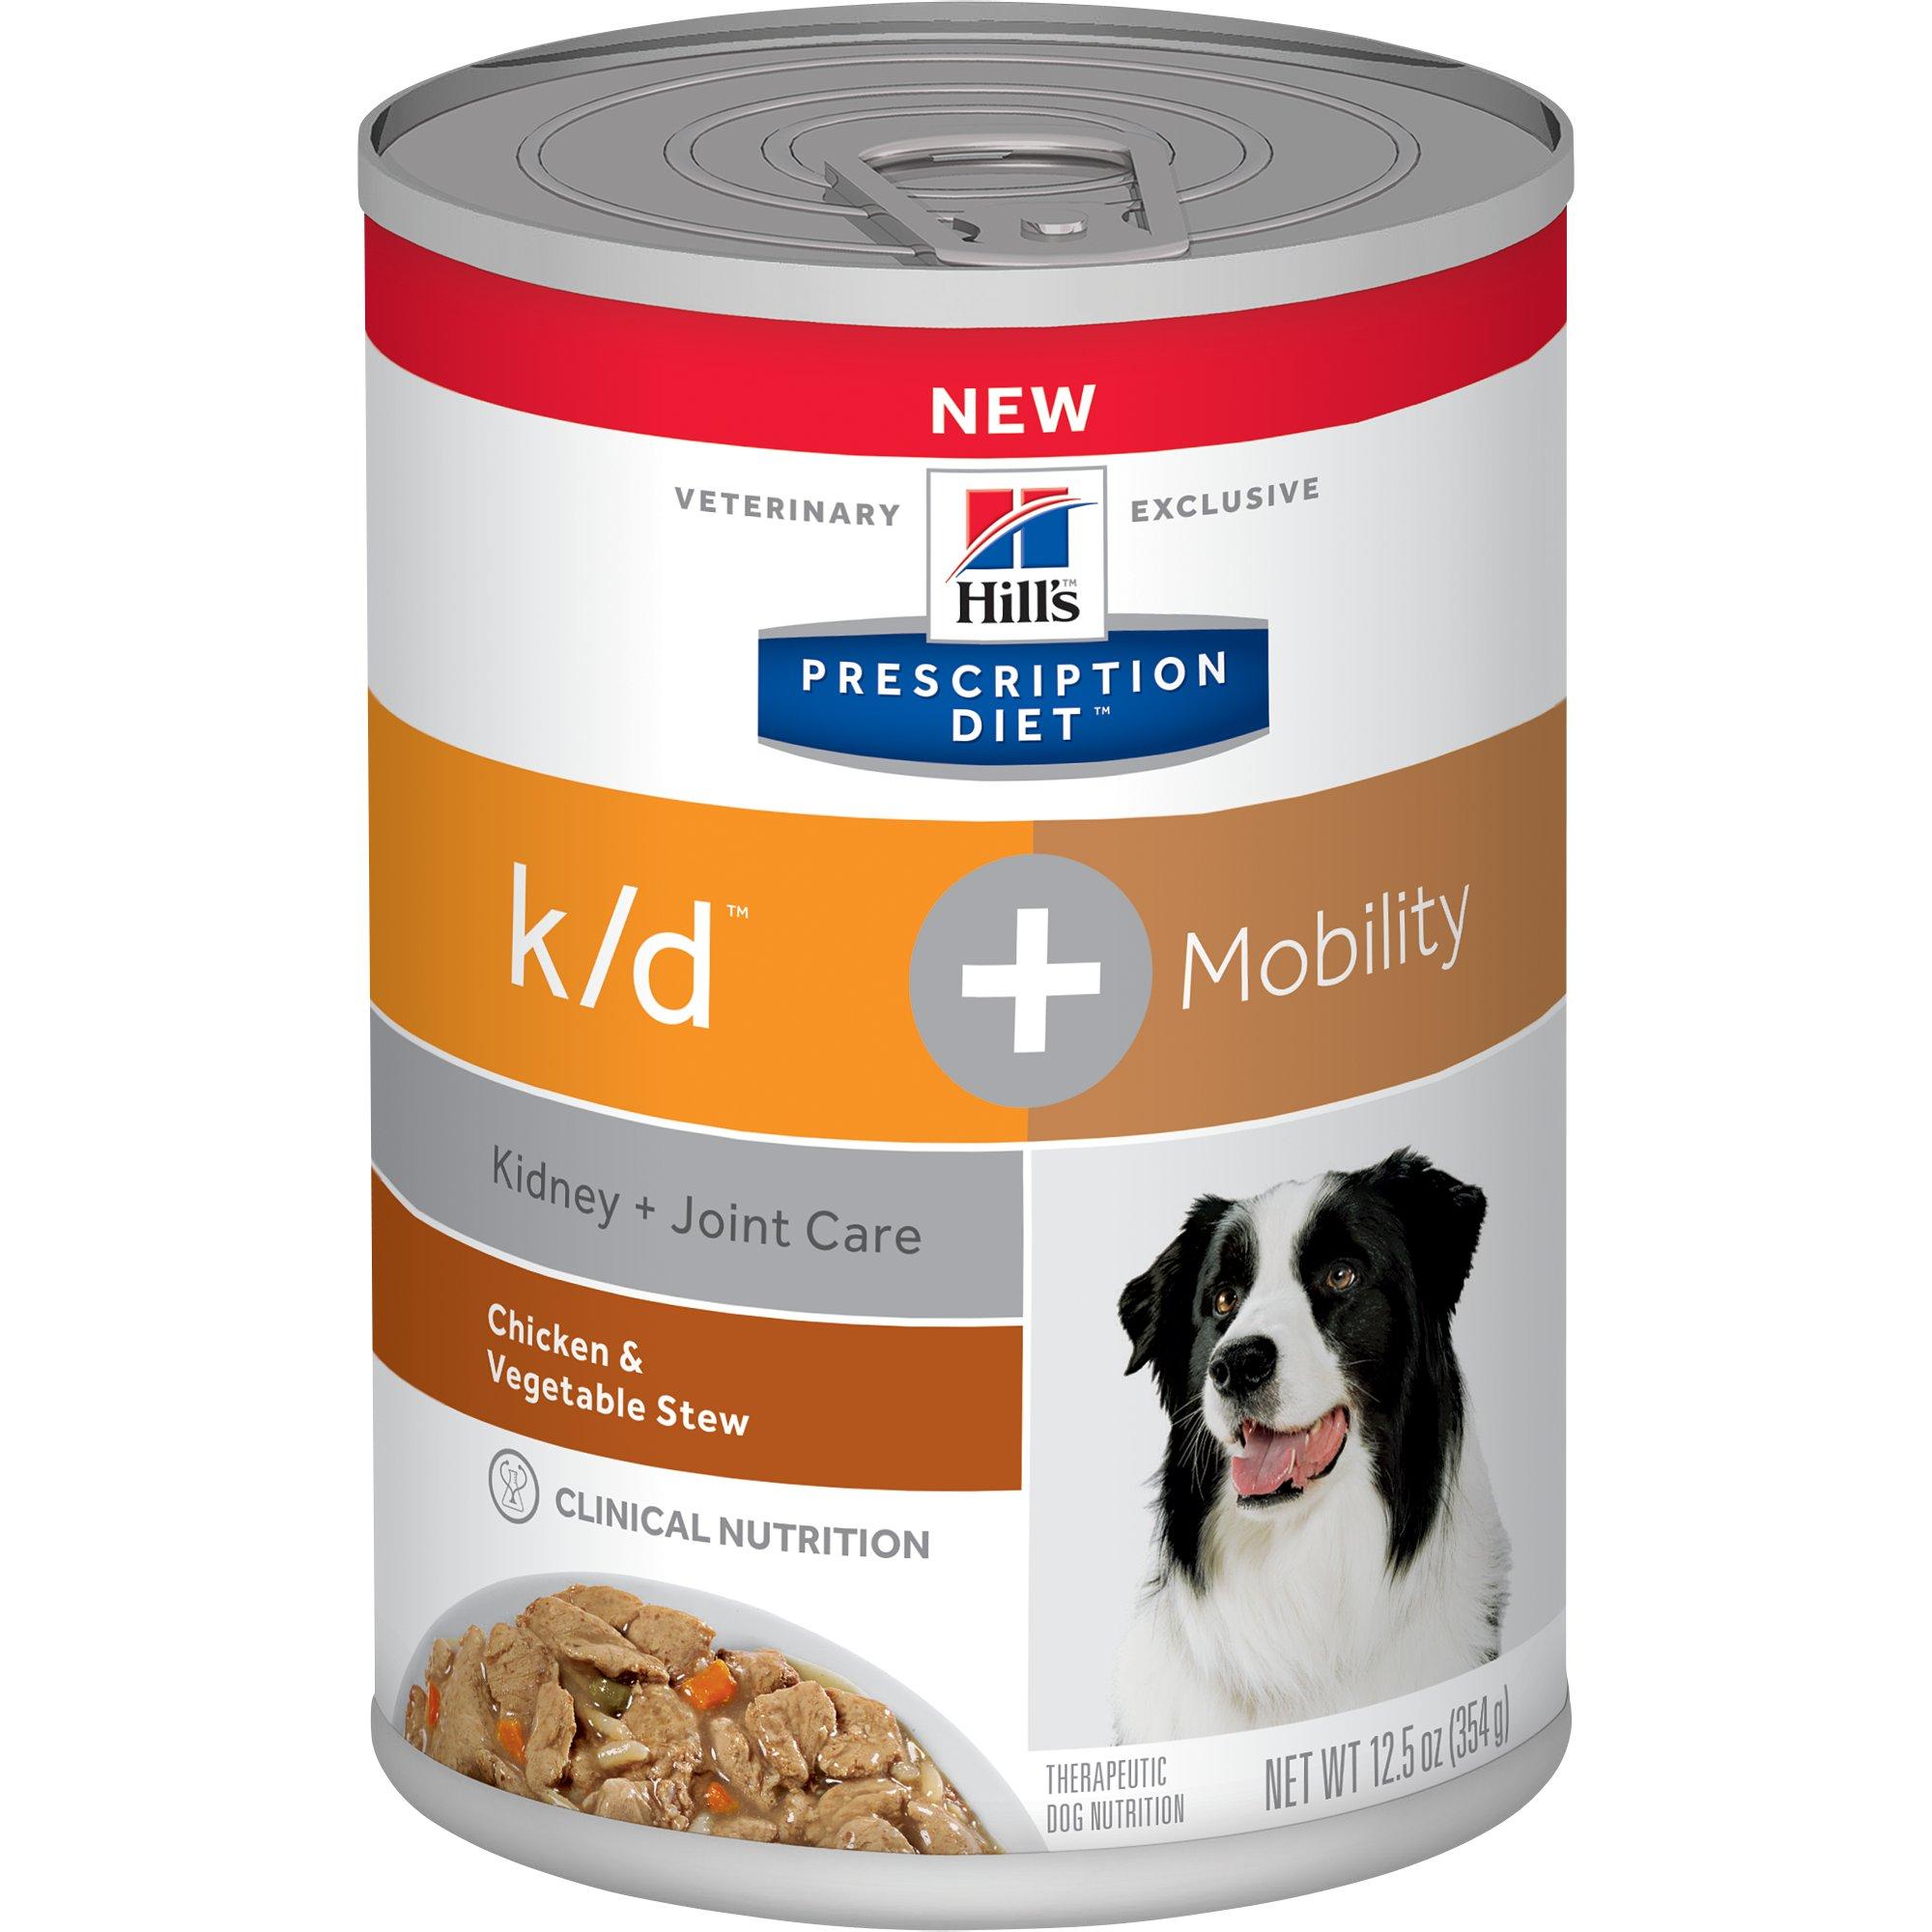 Hill's Prescription Diet K/d Kidney Care + Mobility